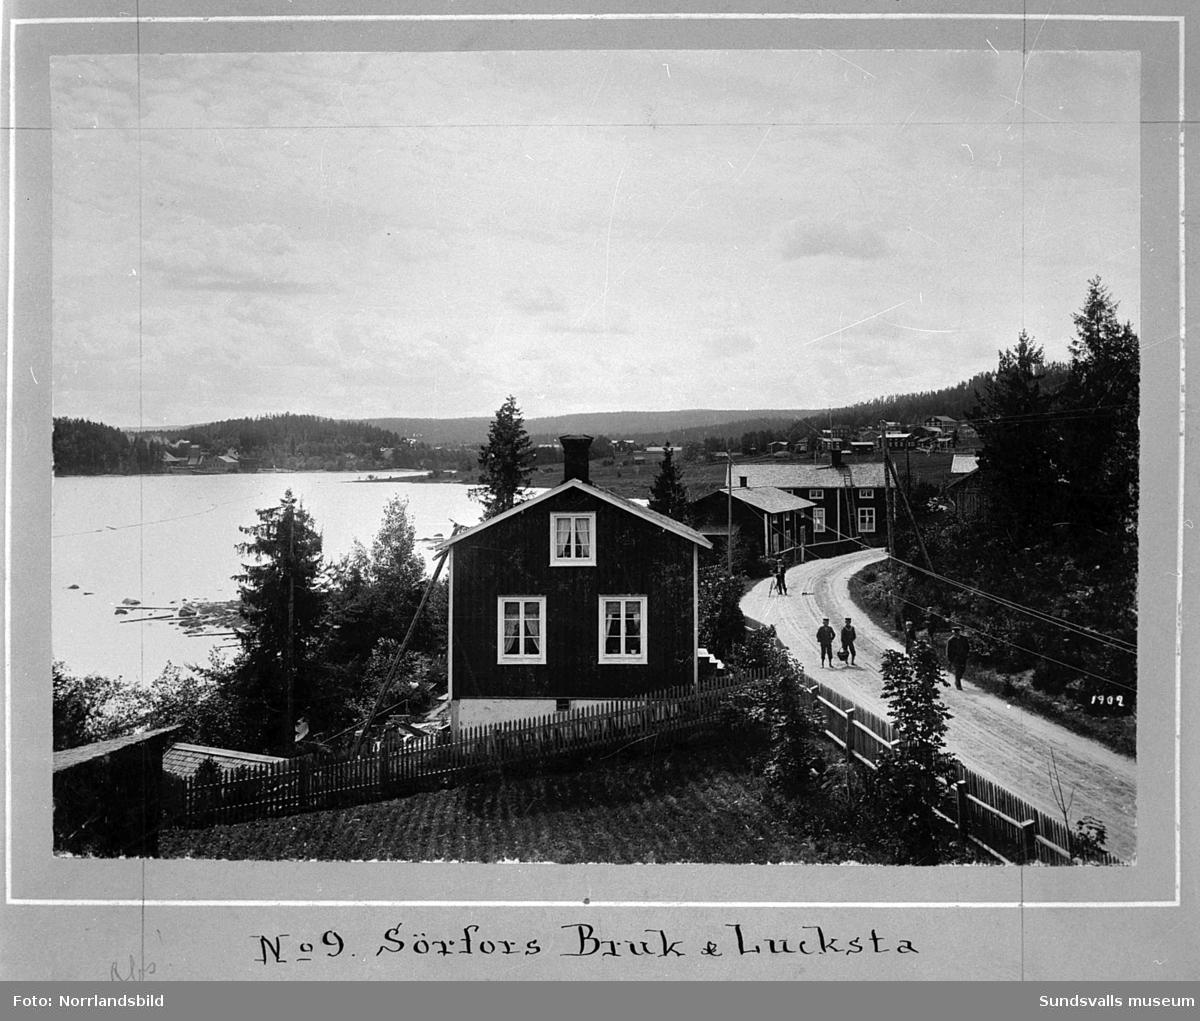 Gamla bilder frn Attmar och Srfors 1902. Originalfoto av